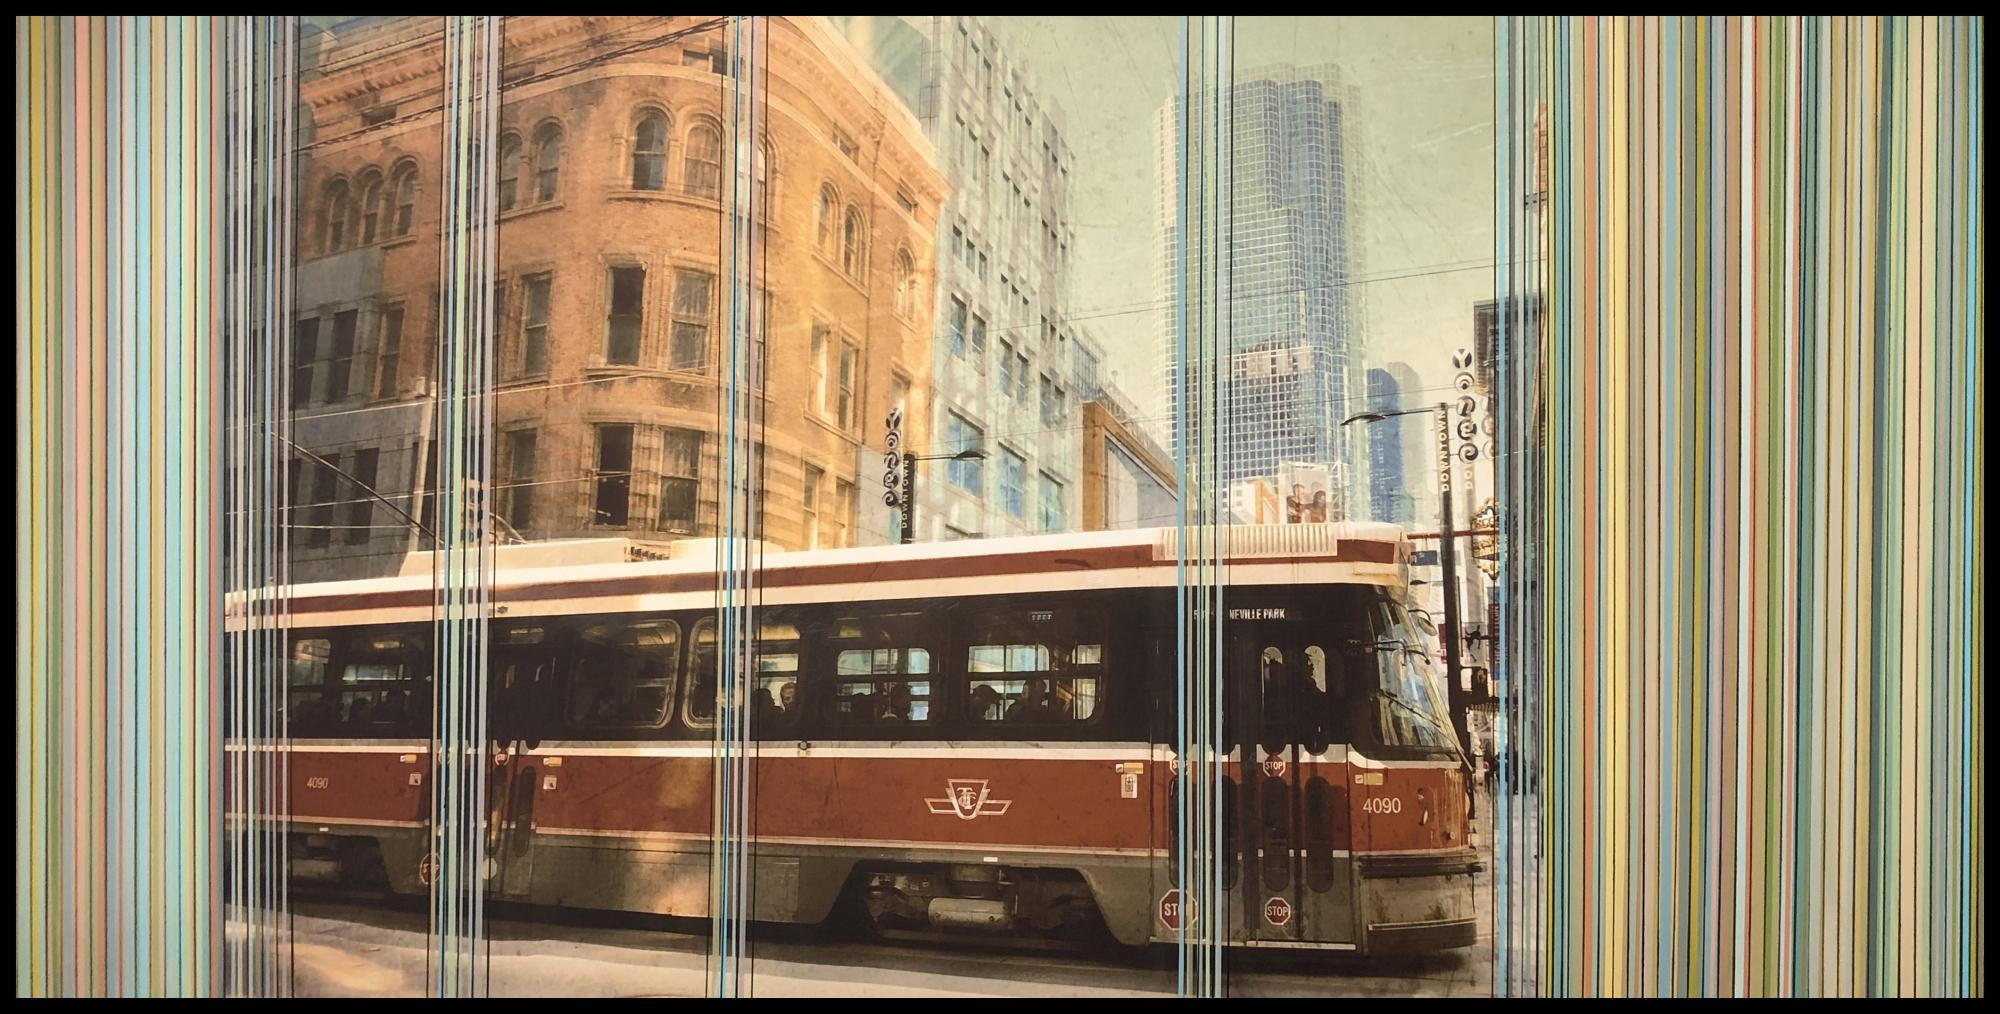 My City: 357 by Jamie MacRae